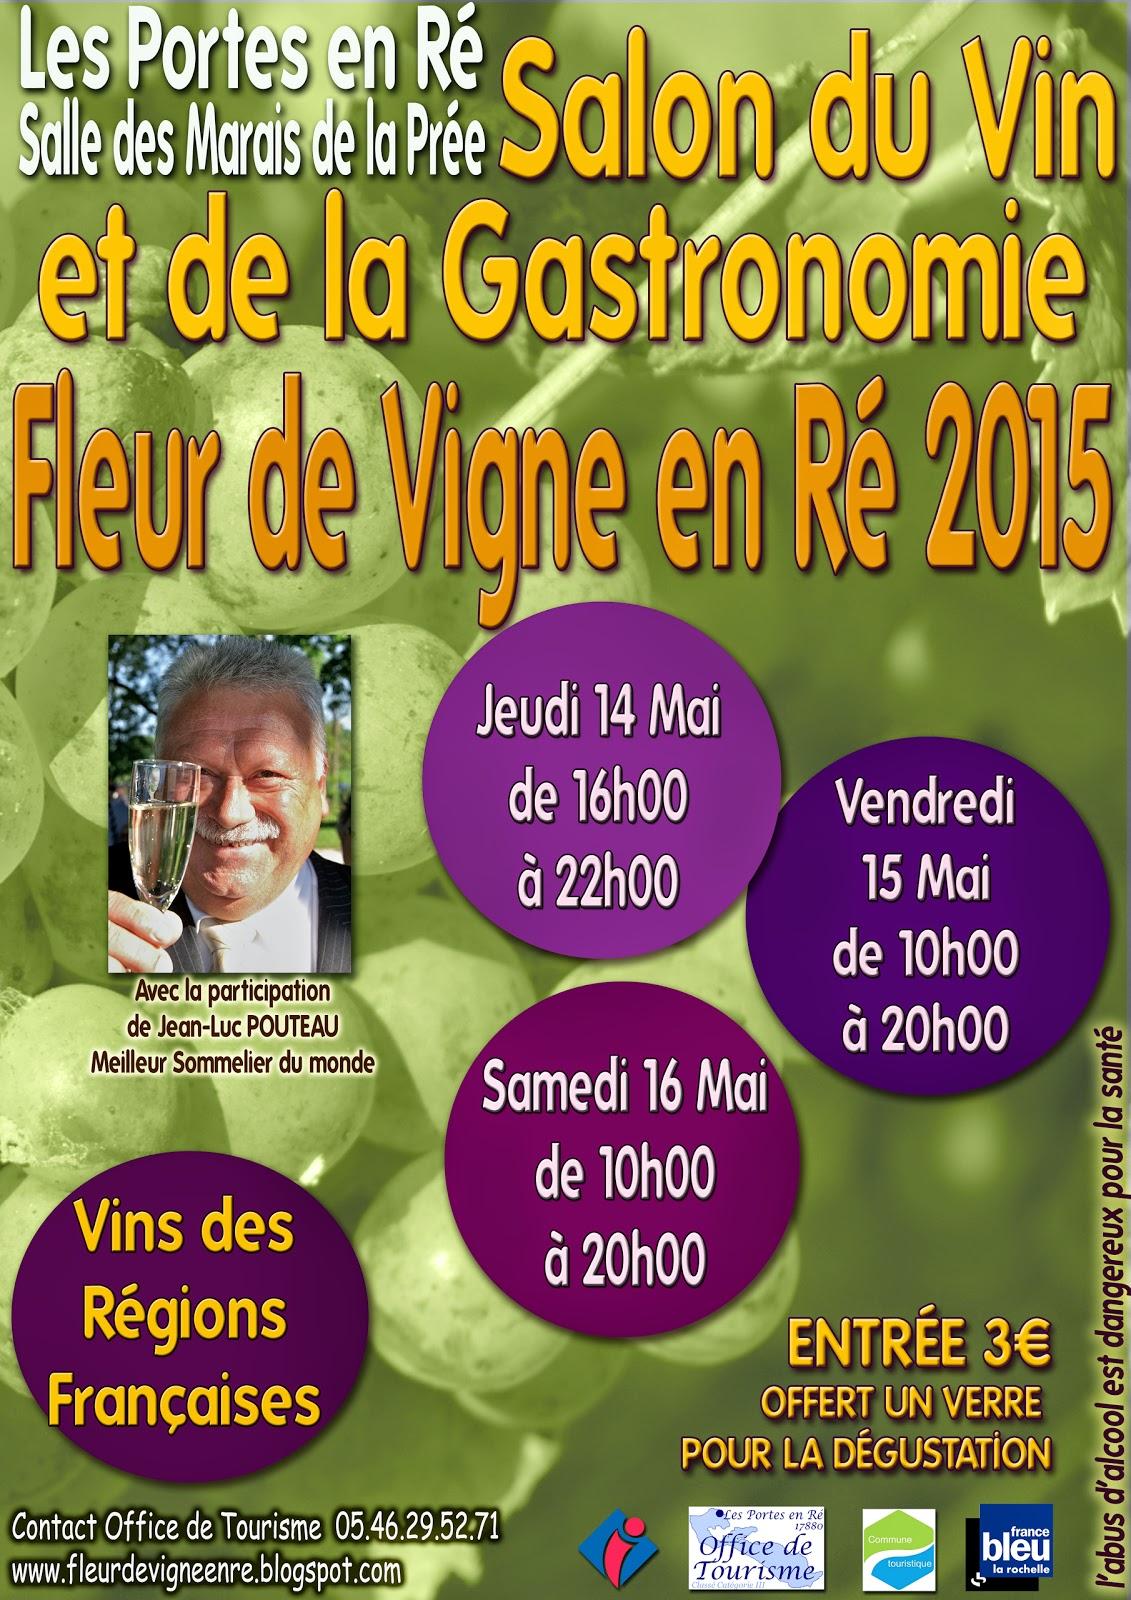 Fleur de vigne en r 2017 le salon du vin et de la gastronomie fleur de vigne en r 2015 - Le salon de la gastronomie ...